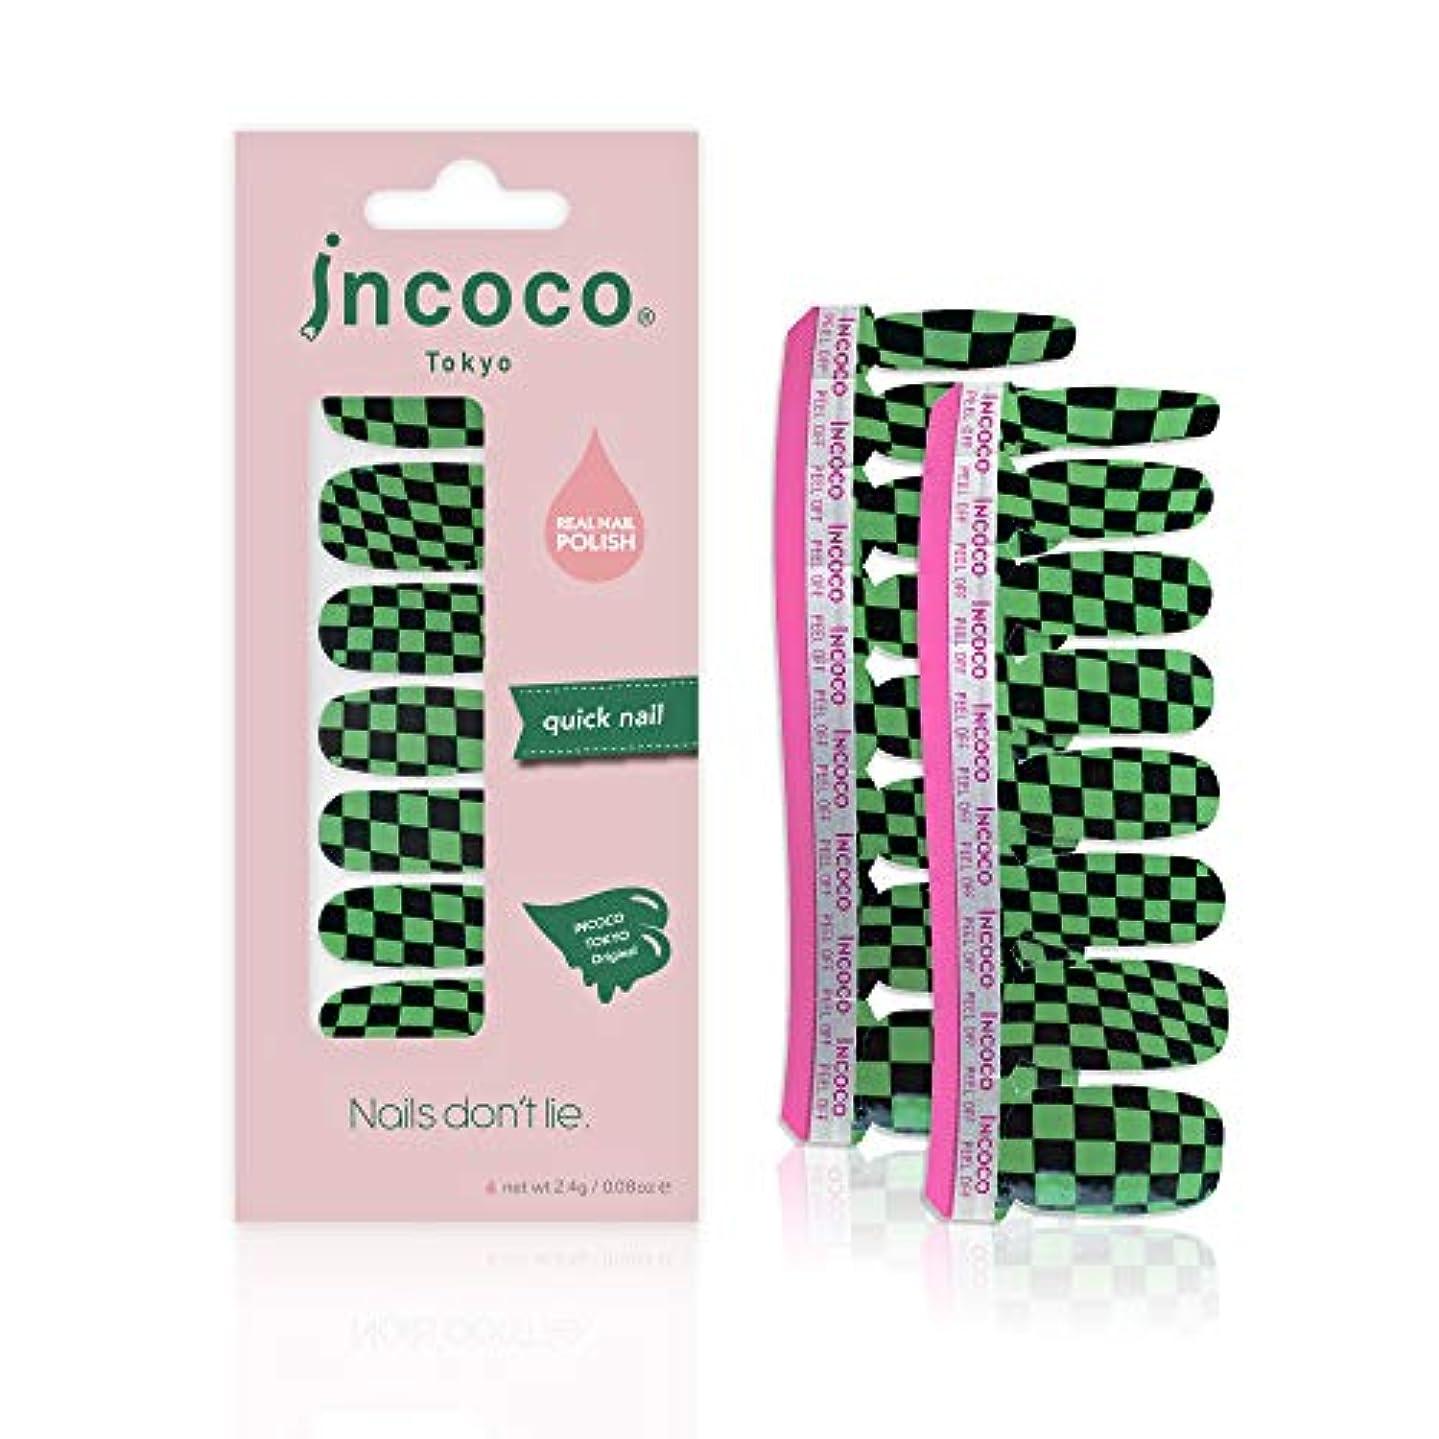 呼びかけるバリケード化石インココ トーキョー 「グリーン チェッカー」 (Green Checker)